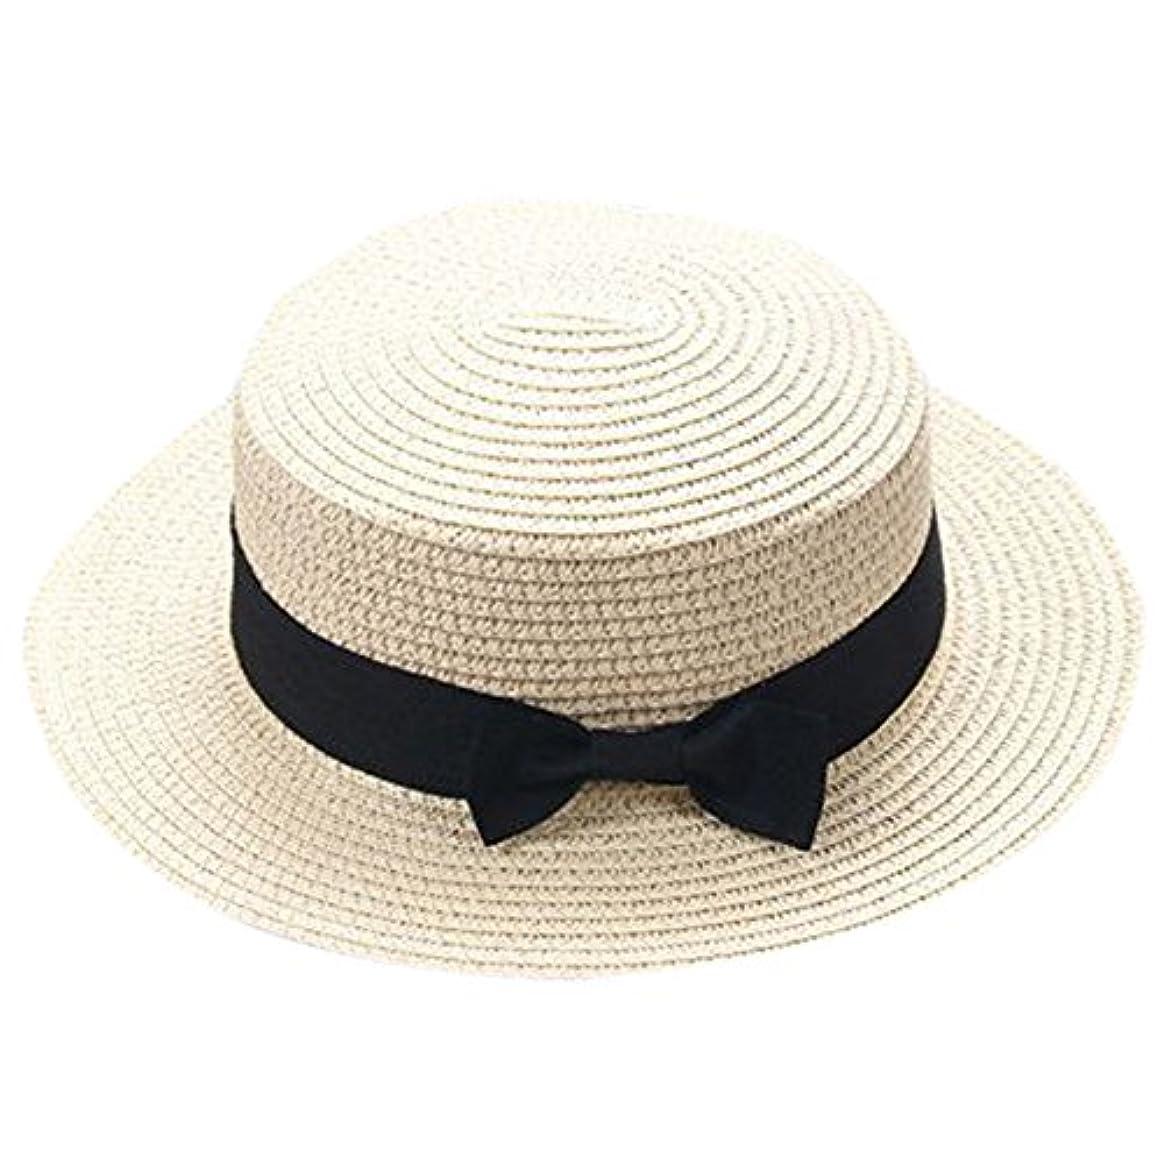 間違い青ヒステリックキャップ キッズ 日よけ 帽子 小顔効果抜群 旅行用 日よけ 夏 ビーチ 海辺 かわいい リゾート 紫外線対策 男女兼用 日焼け防止 熱中症予防 取り外すあご紐 つば広 おしゃれ 可愛い 夏 ROSE ROMAN